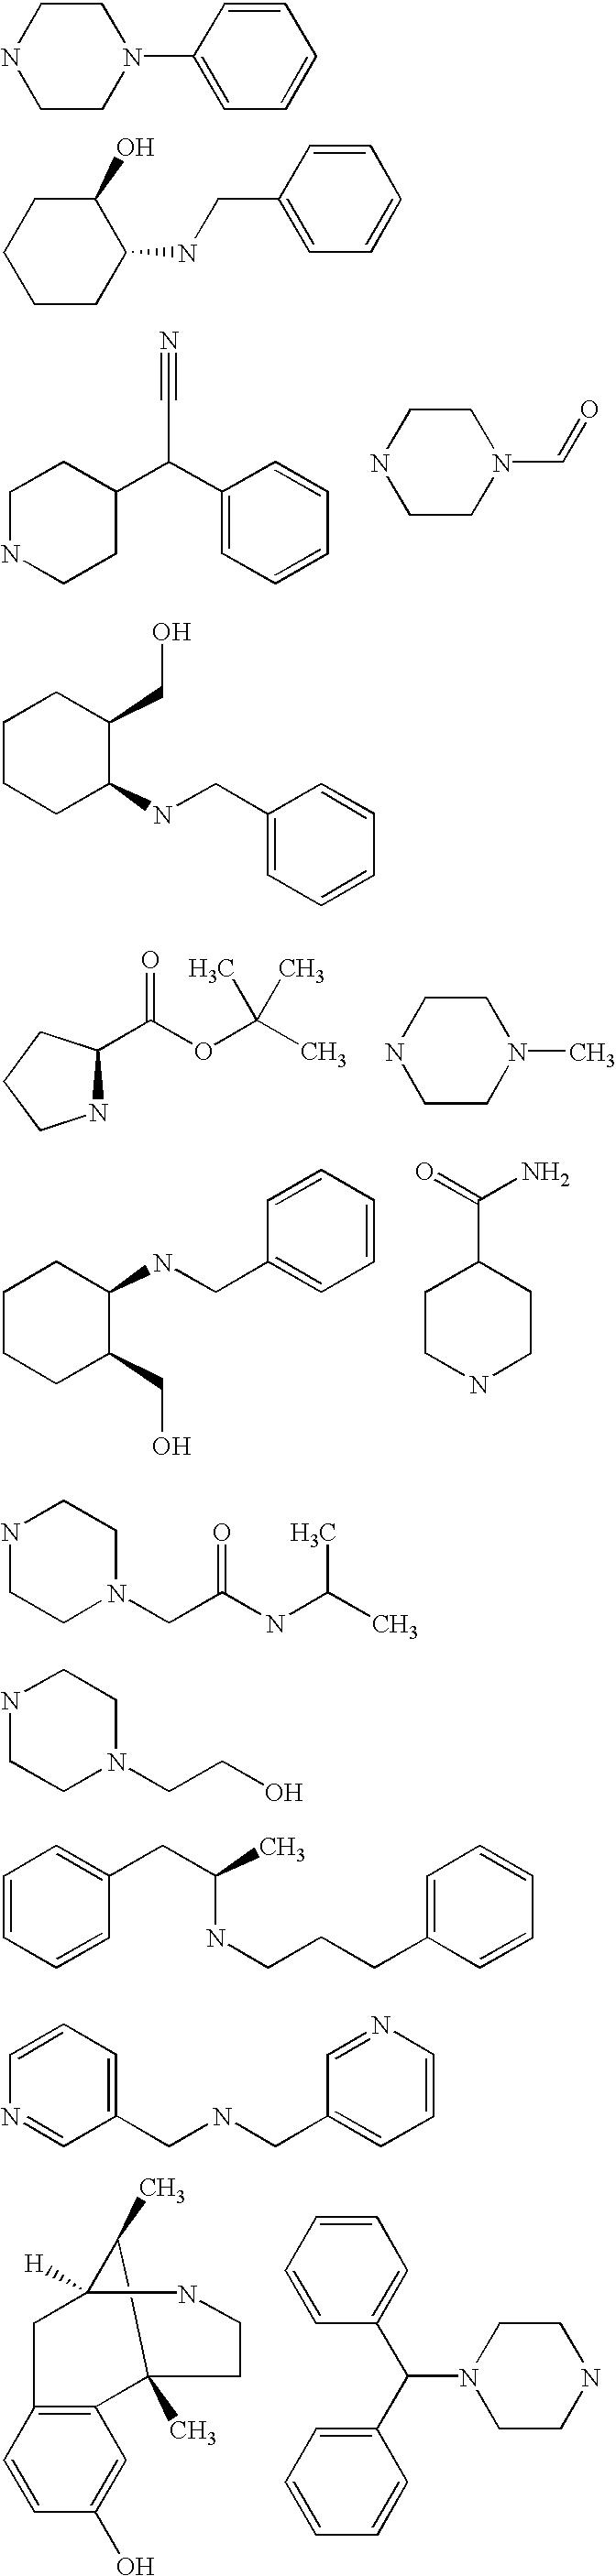 Figure US06693202-20040217-C00064